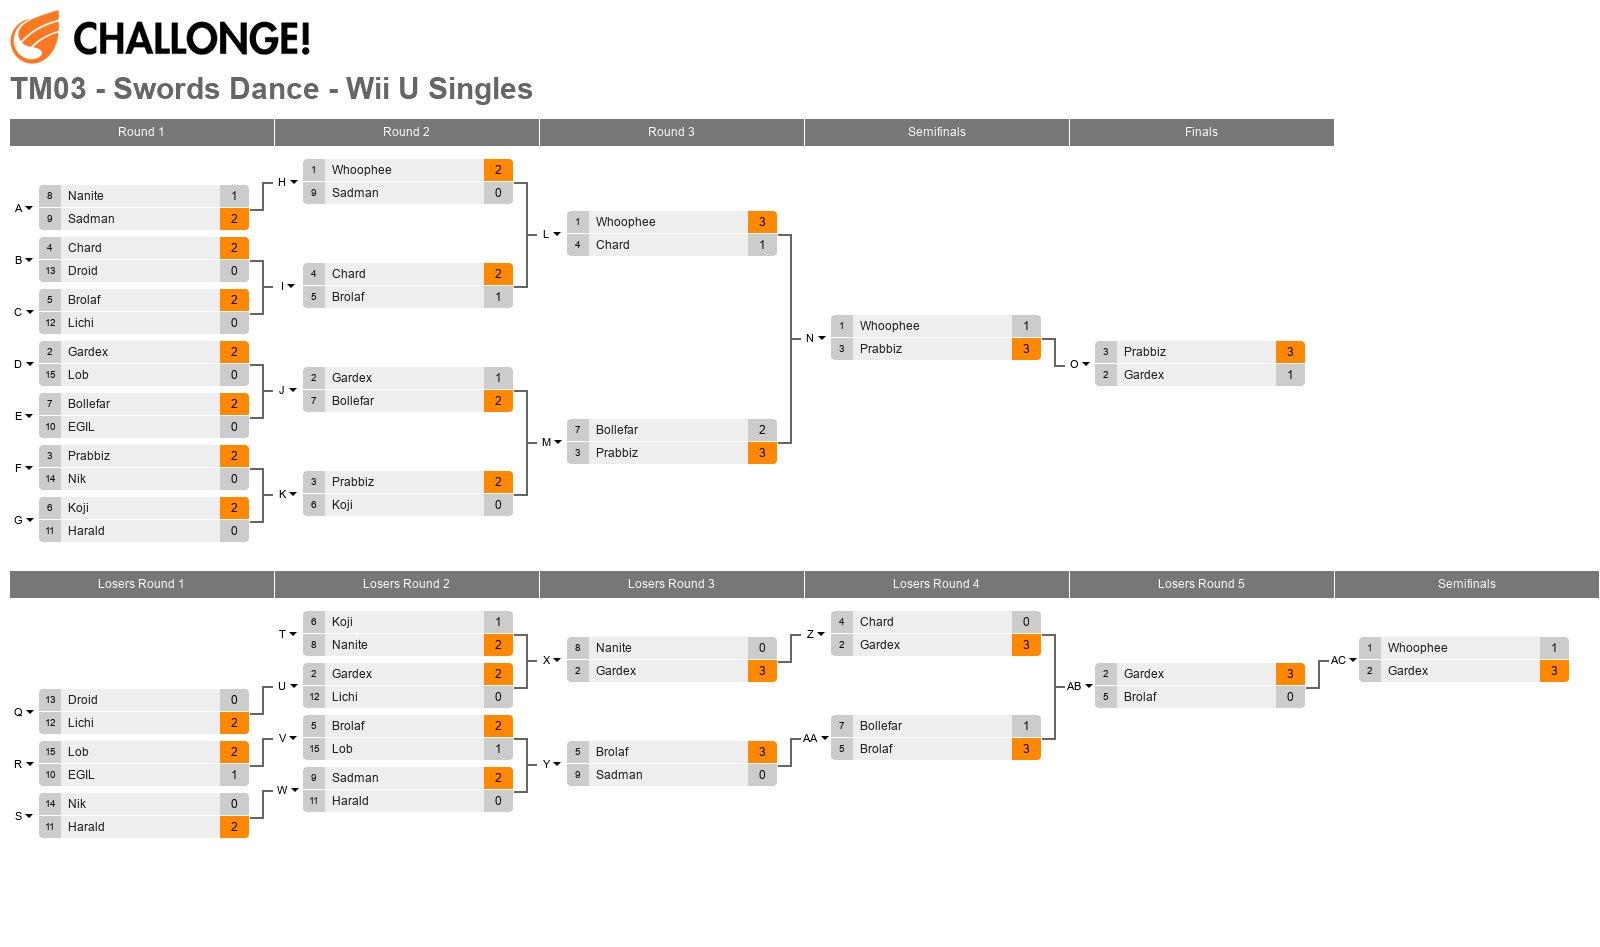 TM03 - Swords Dance - Wii U Singles